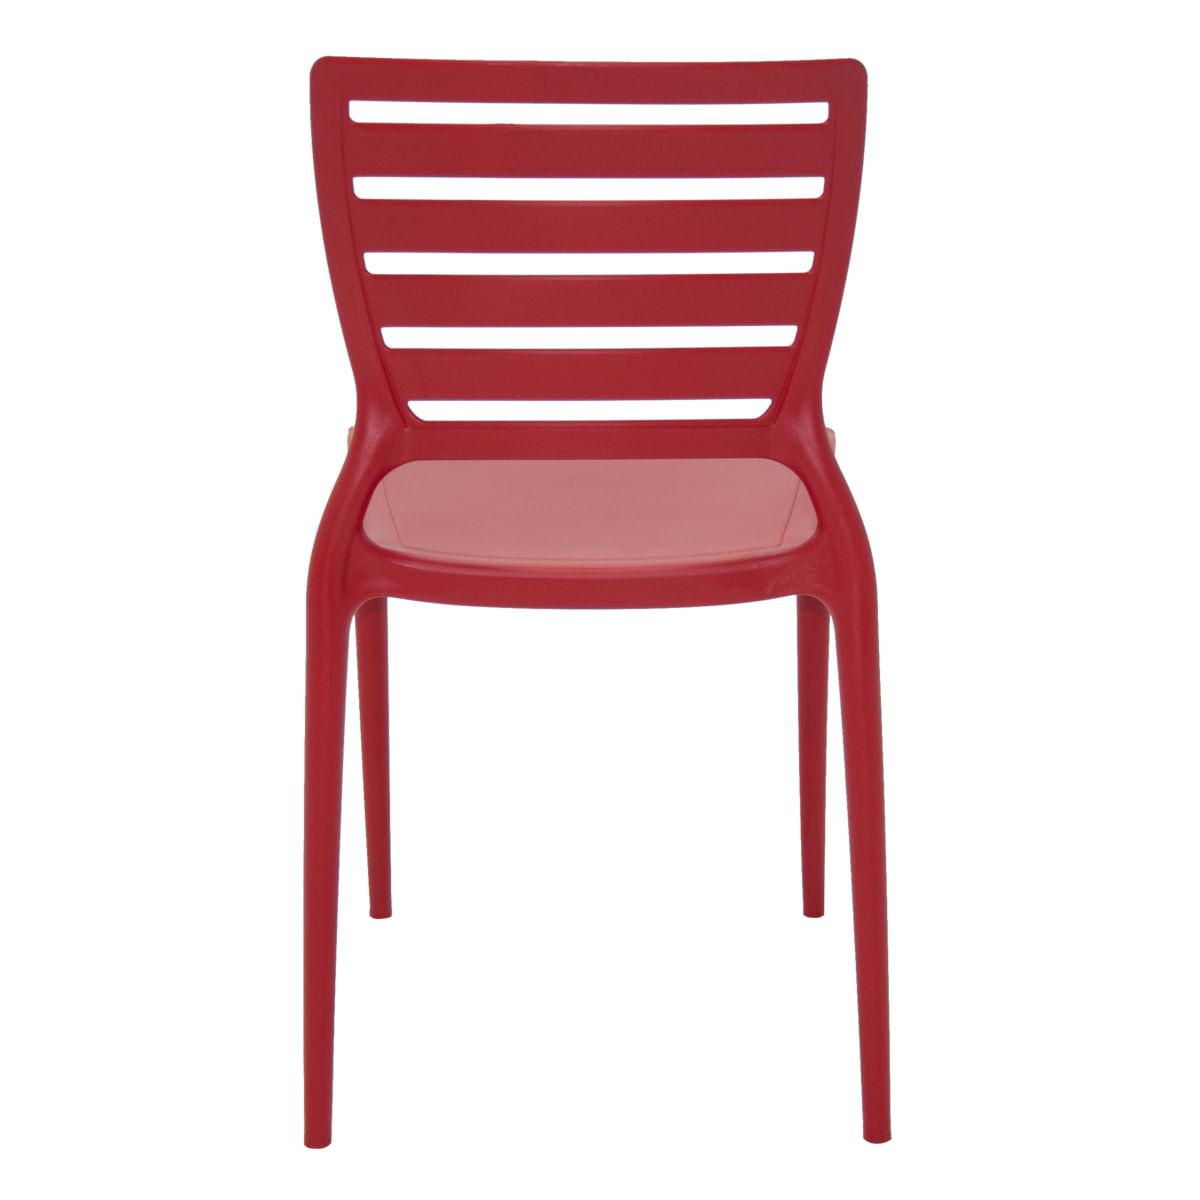 Cadeira Sofia encosto horizontal vermelha Tramontina 92237040